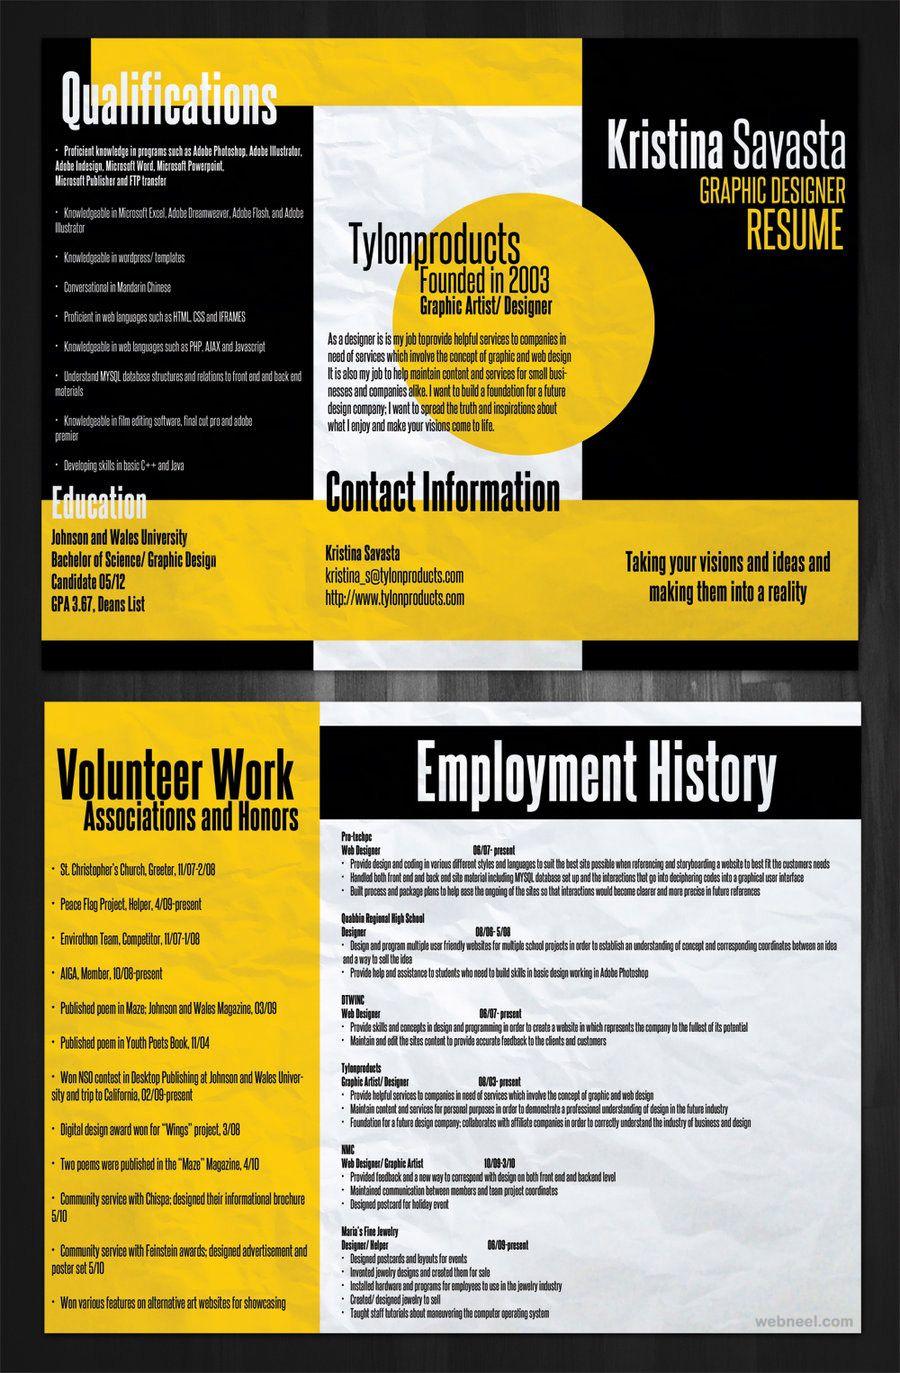 Creative Resume Designs Creative Resume Design  Swati  Pinterest